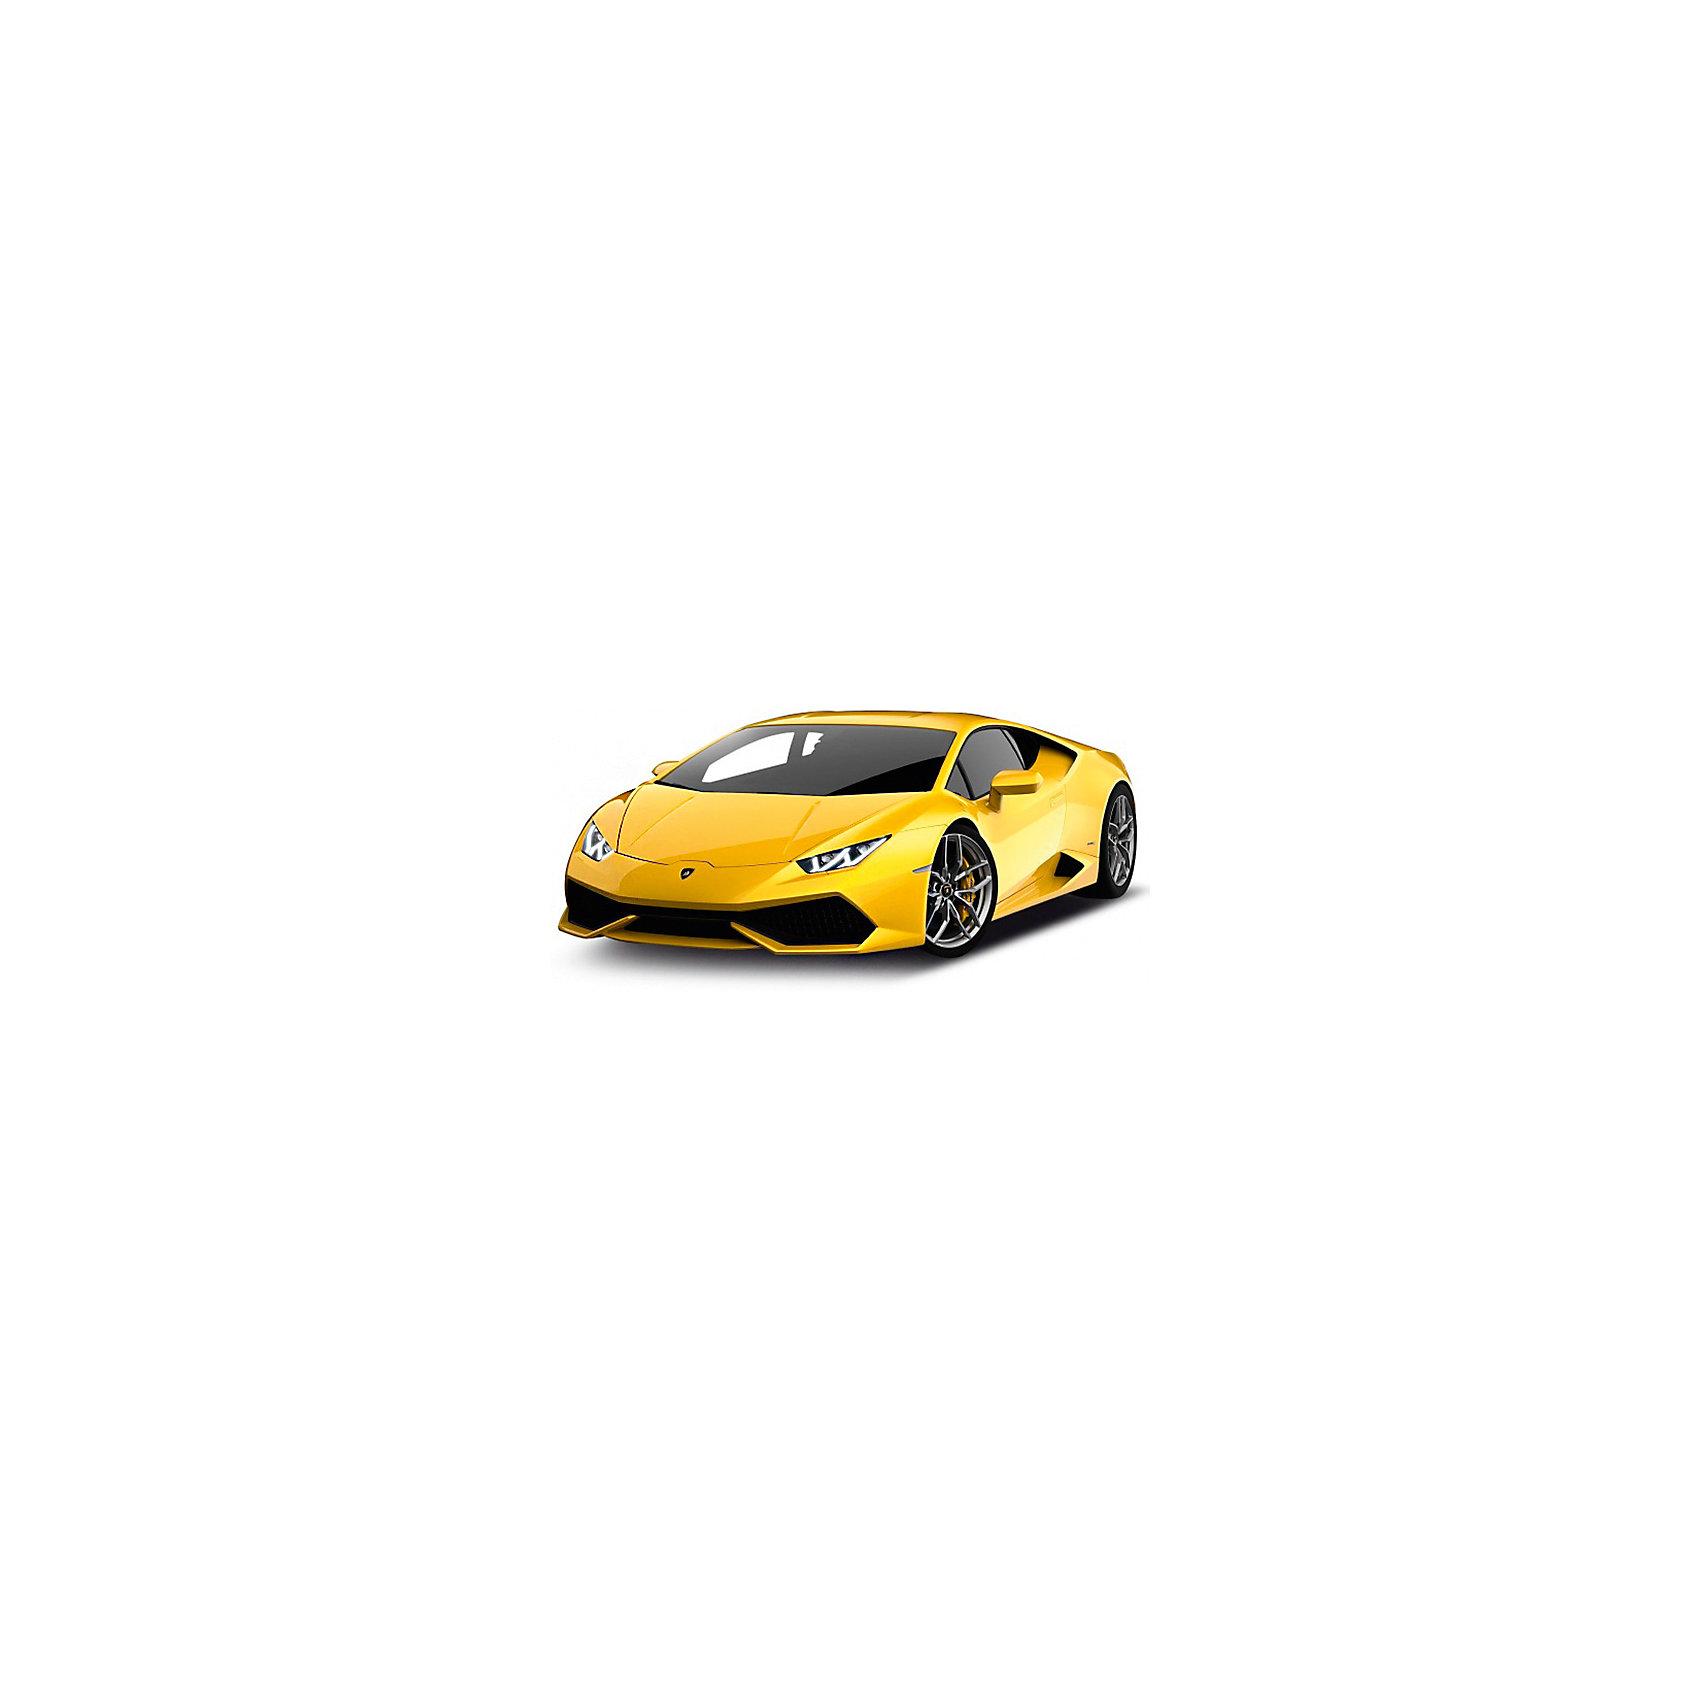 Модель машины 1:34-39 Lamborghini HURACAN LP 610-4, WellyКоллекционные модели<br>Коллекционная модель машины Lamborghini Huracan от Welly выполнена в точном соответствии с оригиналом. У машинки открывается капот и двери.<br>Прототип - спортивный автомобиль Ламборжини Уракан, впервые представленный широкой публике в 2014 году. Своим необычным названием модель обязана богу ветров майа. Так создатели хотели подчеркнуть быстроту и легкость автомобиля. Настоящий Lamborghini Huracan способен развивать скорость до 325 км/ч. Модель Lamborghini от Welly выполнена в стандартном желтом цвете. Ее масштаб составляет 1:34-39.  Цвет кузова автомобиля представлен в ассортименте. Выбрать определенный цвет заранее не представляется возможным.<br><br>Ширина мм: 60<br>Глубина мм: 110<br>Высота мм: 150<br>Вес г: 141<br>Возраст от месяцев: 36<br>Возраст до месяцев: 192<br>Пол: Мужской<br>Возраст: Детский<br>SKU: 4966547